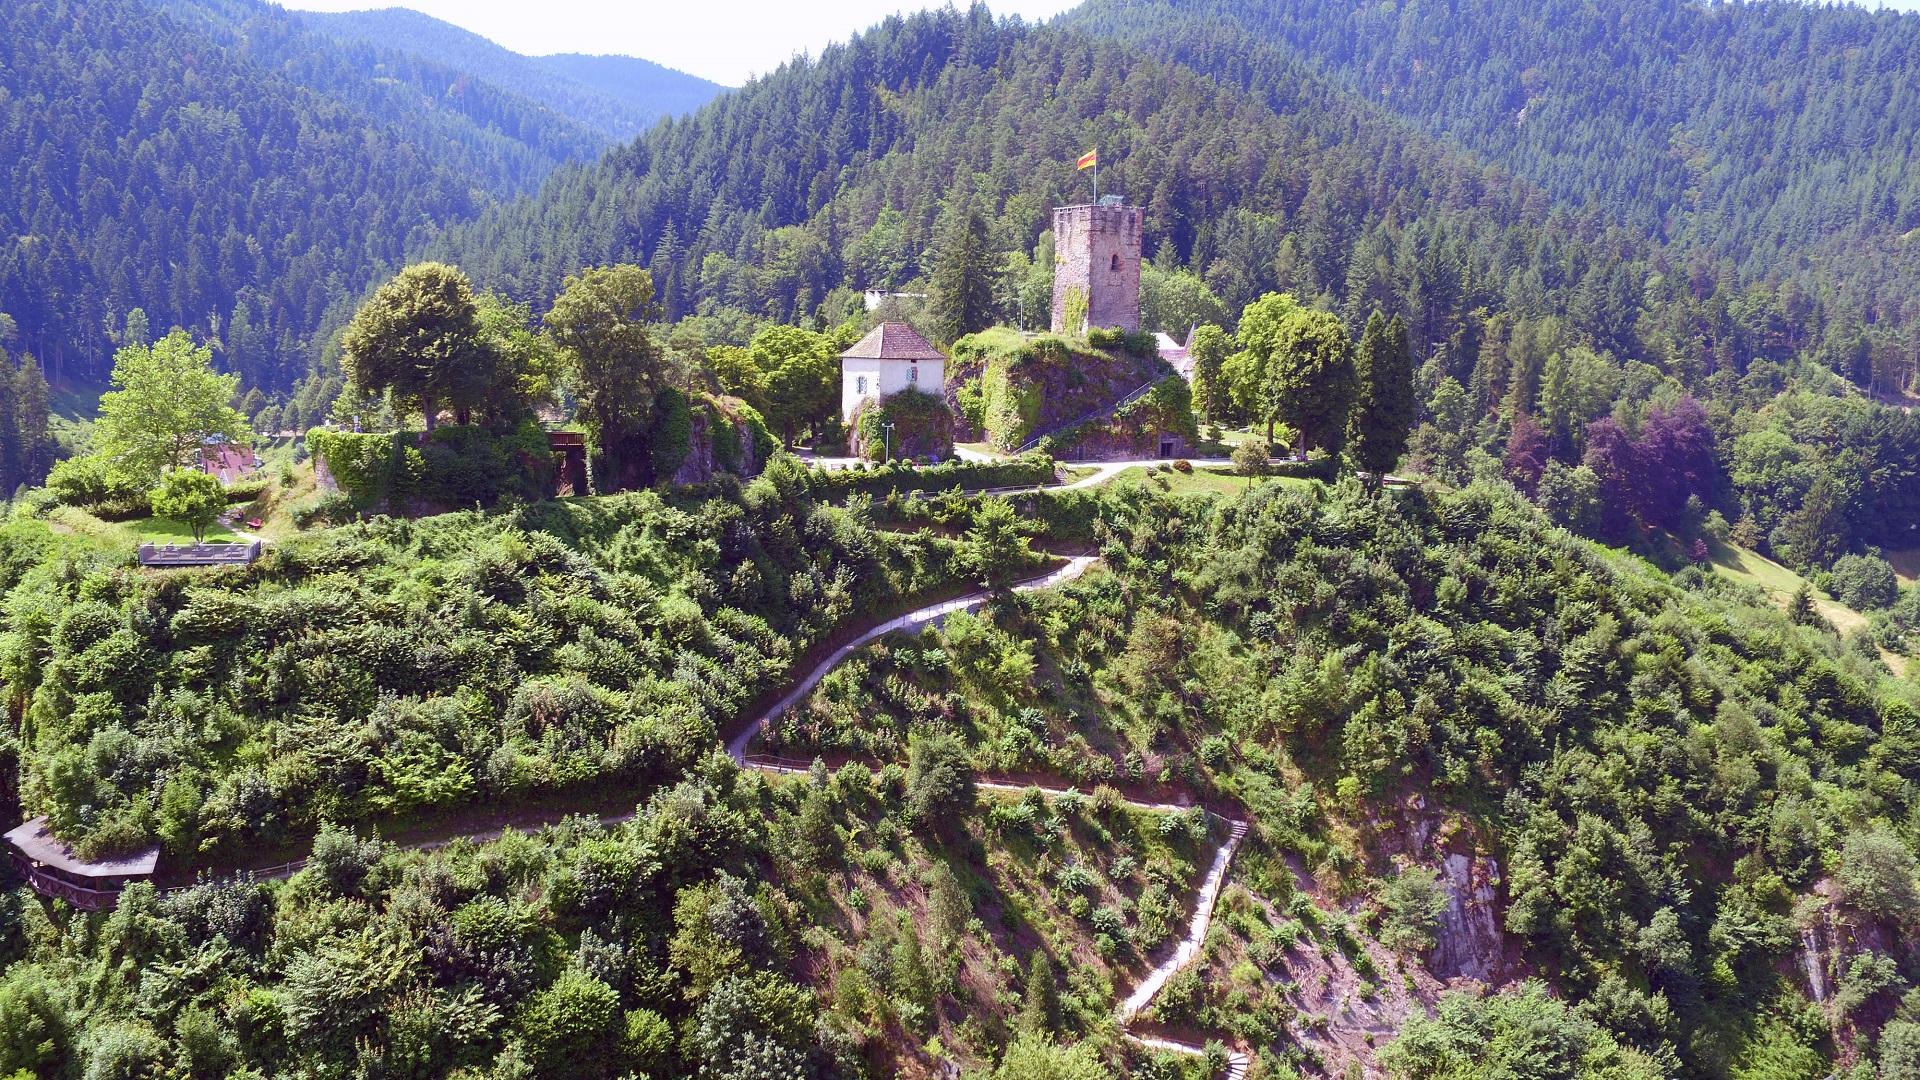 Blick vom Bahnhof auf den Hornberger Schlossberg